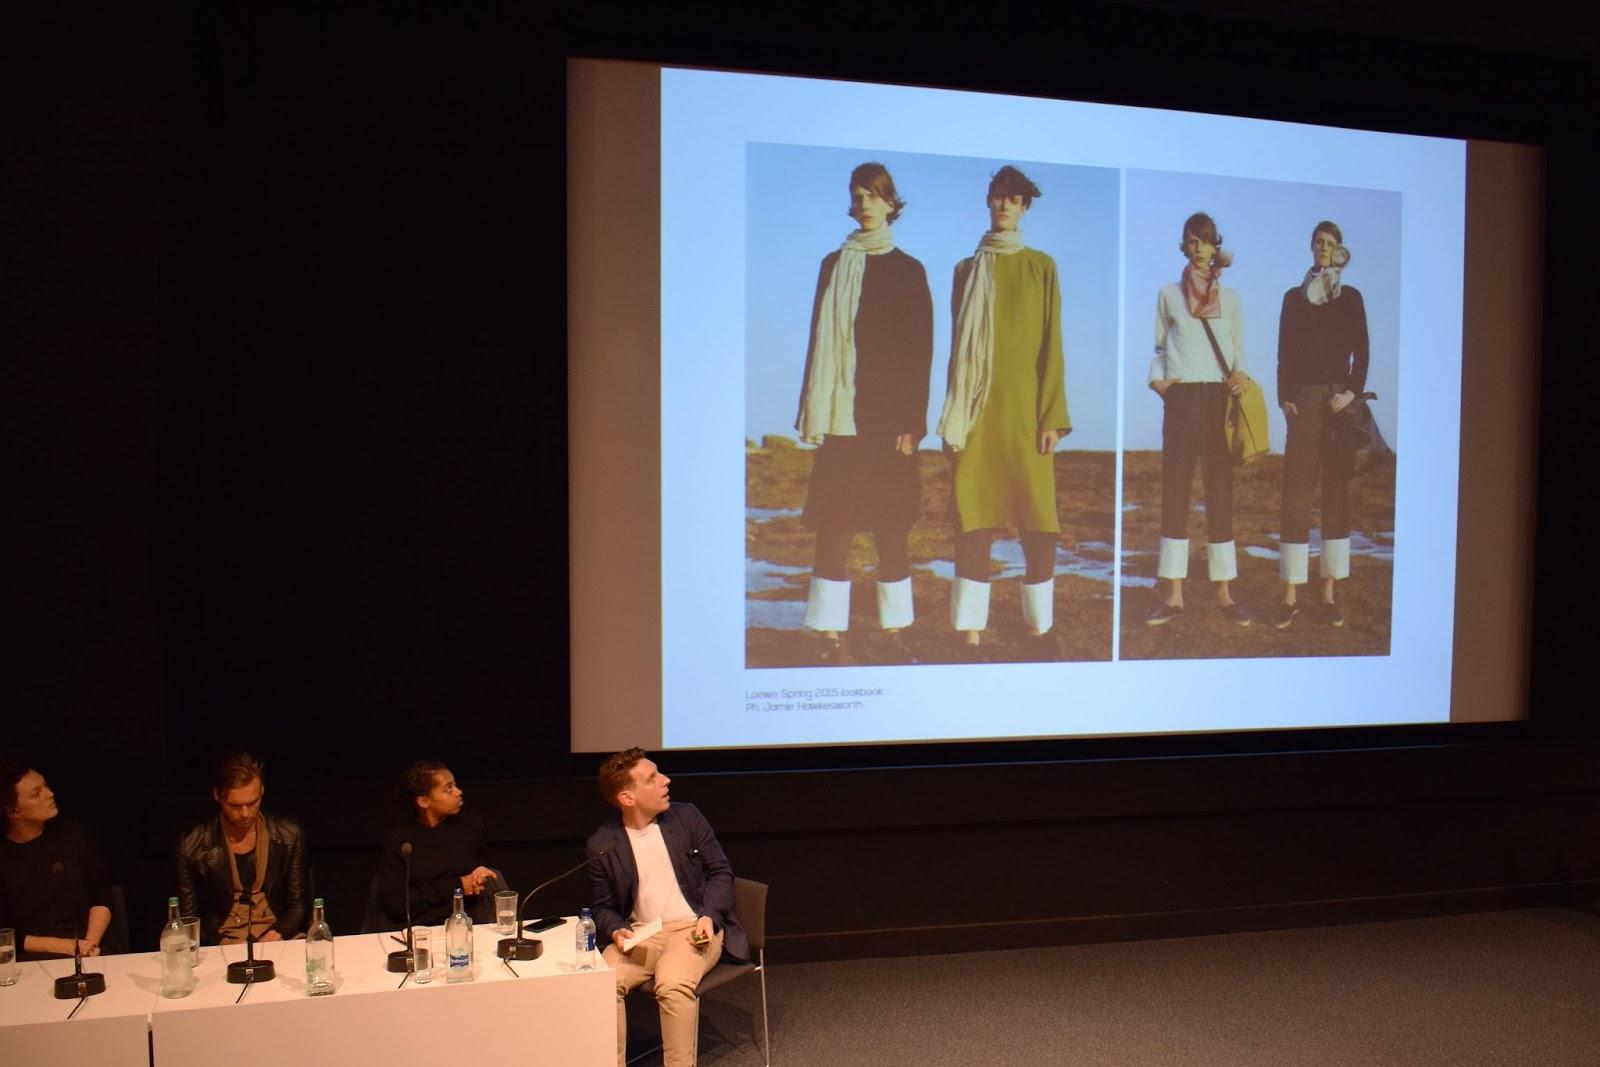 Edinburgh International Fashion Festival, gender in fashion discussion, symposium on menswear fashion